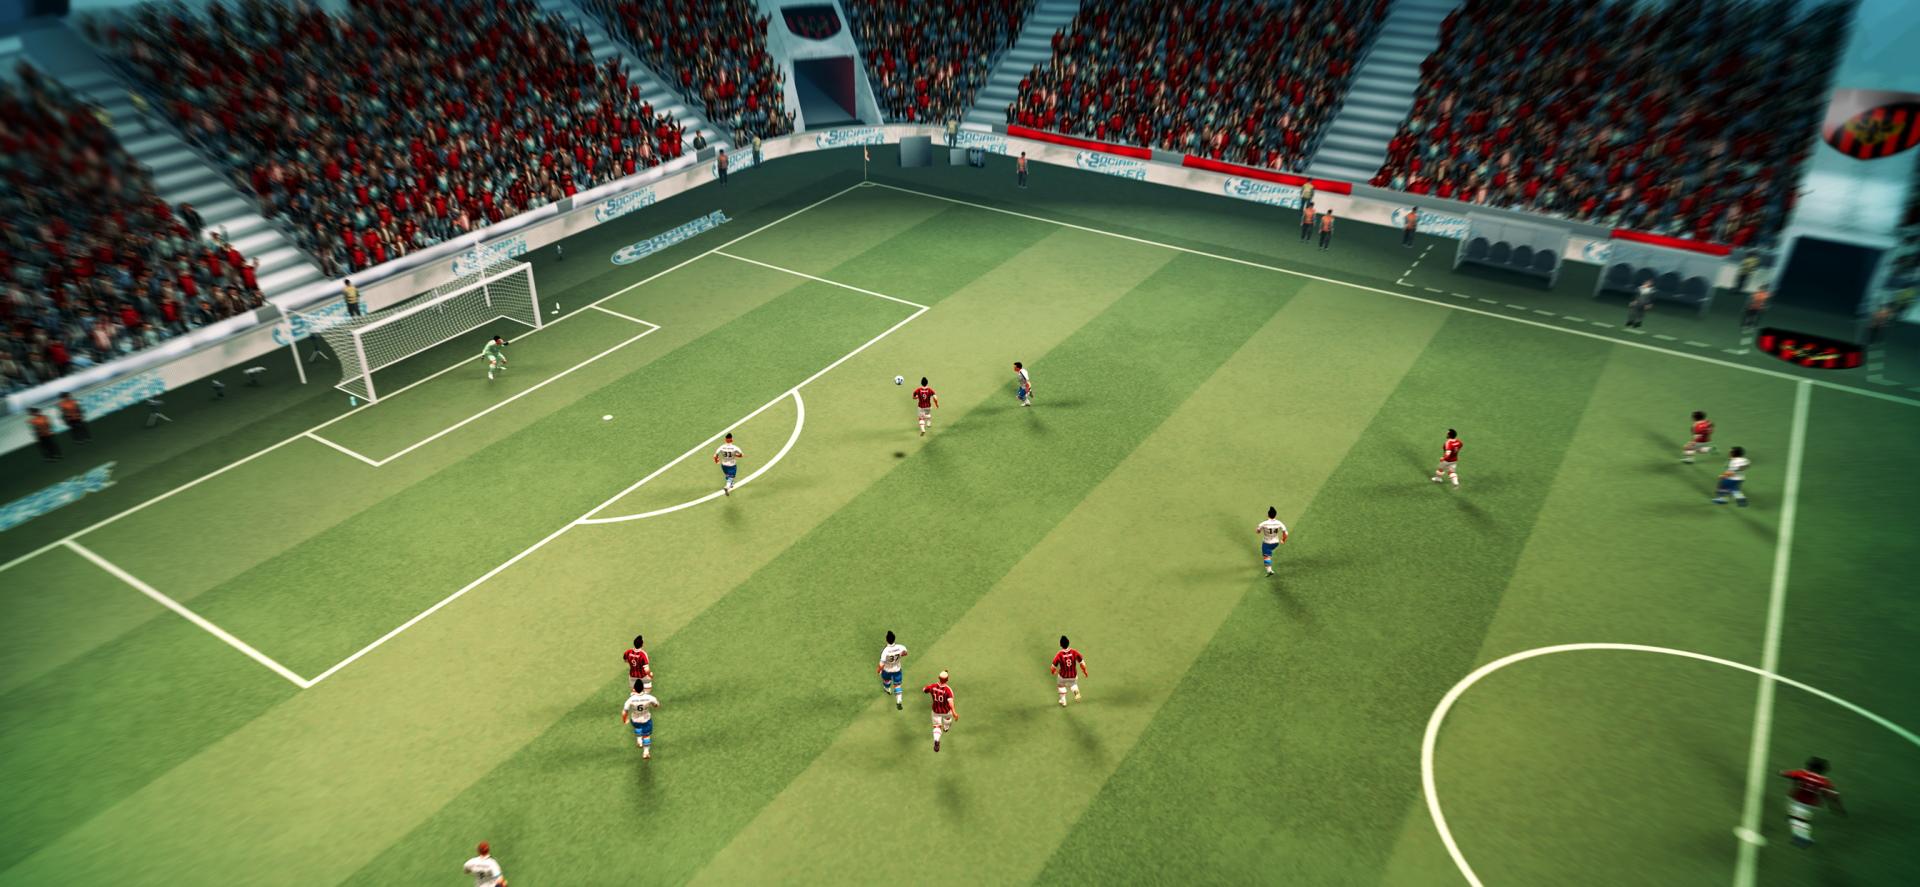 Sociable Soccer, now on Apple Arcade